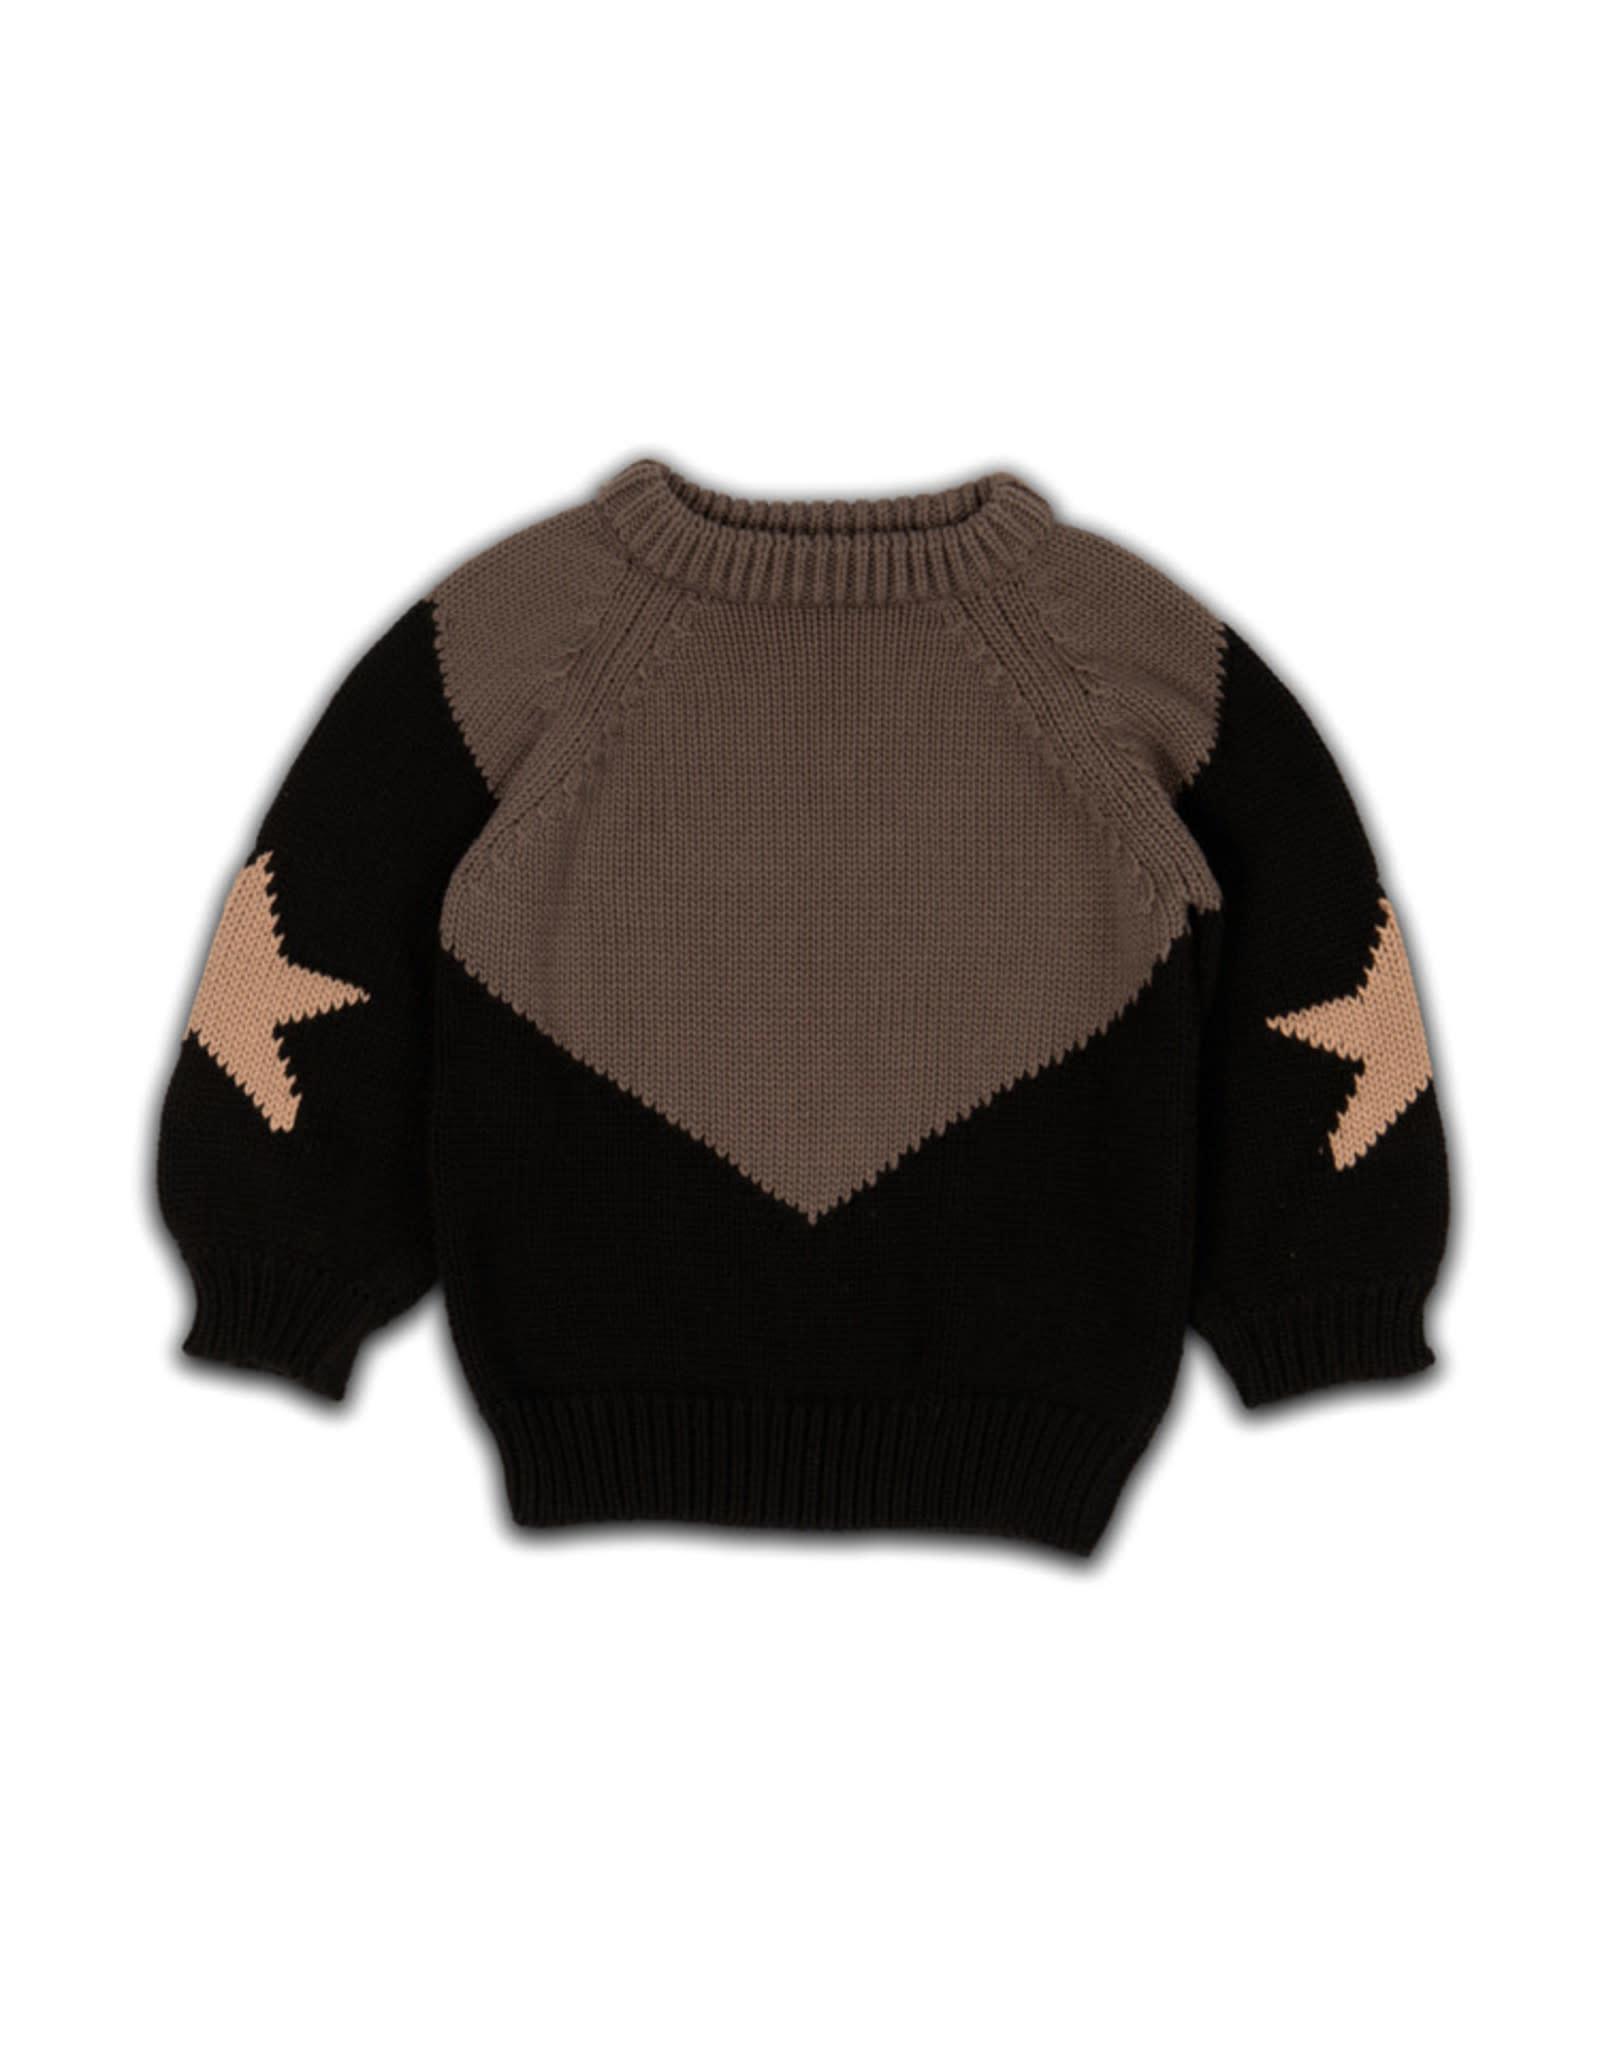 Cos I said so - knitwear star